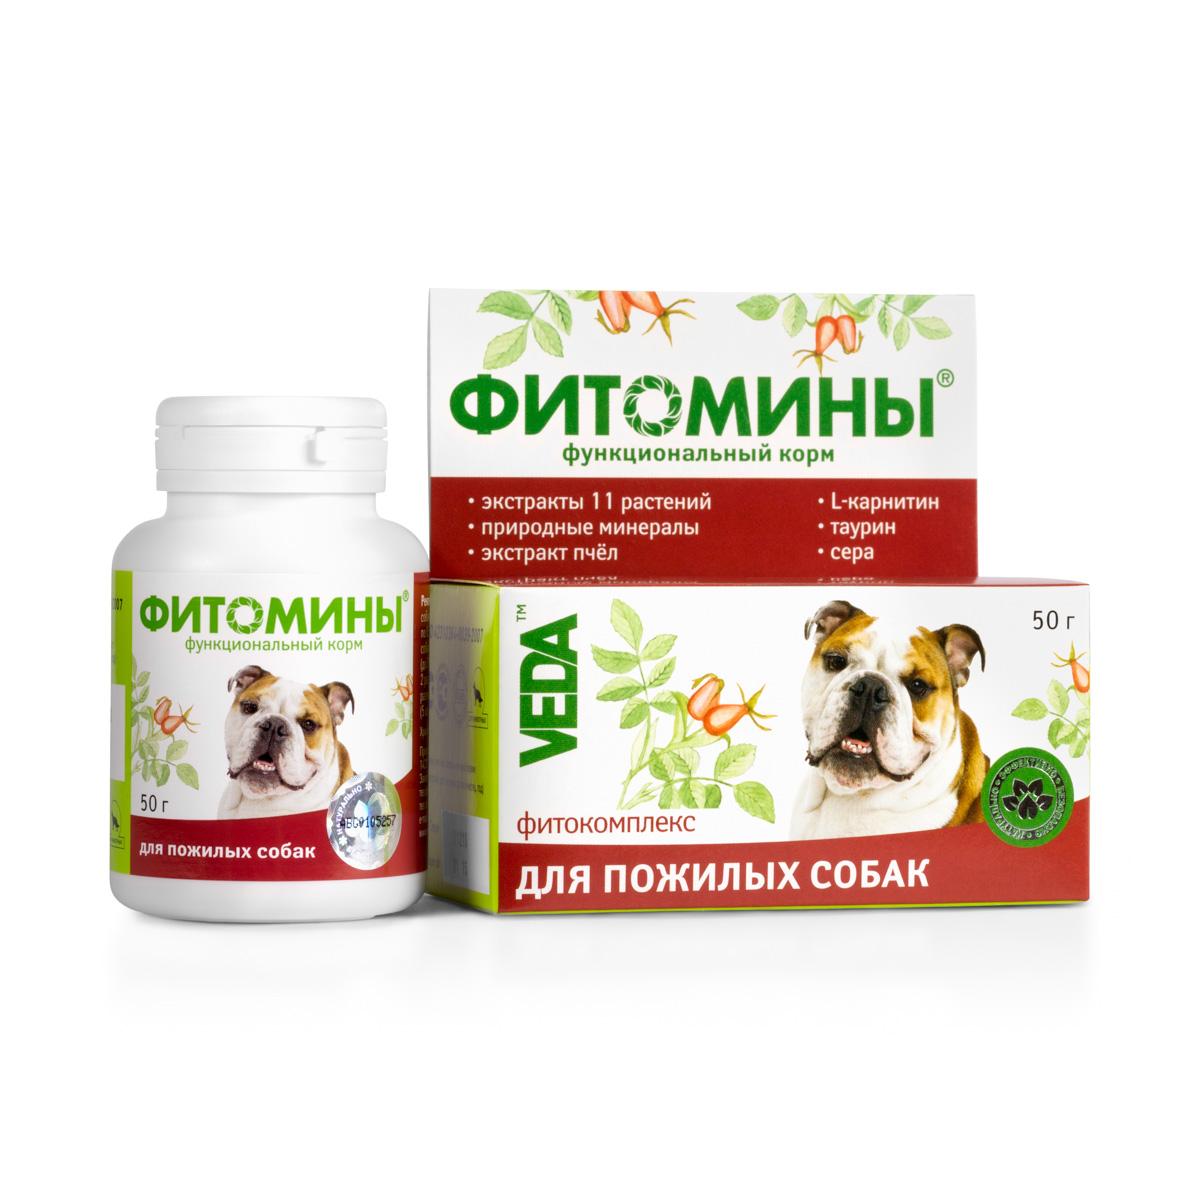 Корм VEDA Фитомины для пожилых собак, функциональный, 50 г4605543005961Функциональный корм VEDA Фитомины для пожилых собак улучшает общее состояние системы кровообращения.Рекомендуется включать в рацион:- животным с нарушениями функциями сердечно-сосудистой системы, периферического, мозгового и коронарного кровообращения, - пожилым животным для повышения устойчивости к сердечно-сосудистым заболеваниям.Состав: лактоза; крахмал; дрожжи пивные; фитокомплекс: травы мелиссы лекарственной, плодов боярышника, травы пустырника сердечного, корневищ с корнями валерьяны, травы донника, листьев мяты перечной, травы котовника, травы тысячелистника, травы горца птичьего, травы сушеницы болотной, травы буквицы; природный минеральный комплекс; паровая мясная мука; гидролизат коллагена; L-карнитин; экстракт пчел; таурин; сера; стеарат кальция.В 100 г продукта содержится (не менее): углеводы - 92 г; жиры - 0,1 г; белки – 2 г; кальций 600 мг; фосфор 360 мг; железо 15 мг; цинк 4 мг; марганец 0,1 мг; медь 0,3 мг; L-карнитин 0,5 г; таурин 0,2 г; сера 0,1 г.Энергетическая ценность в 100 г: 380 ккал.Товар сертифицирован.Чем кормить пожилых собак: советы ветеринара. Статья OZON Гид